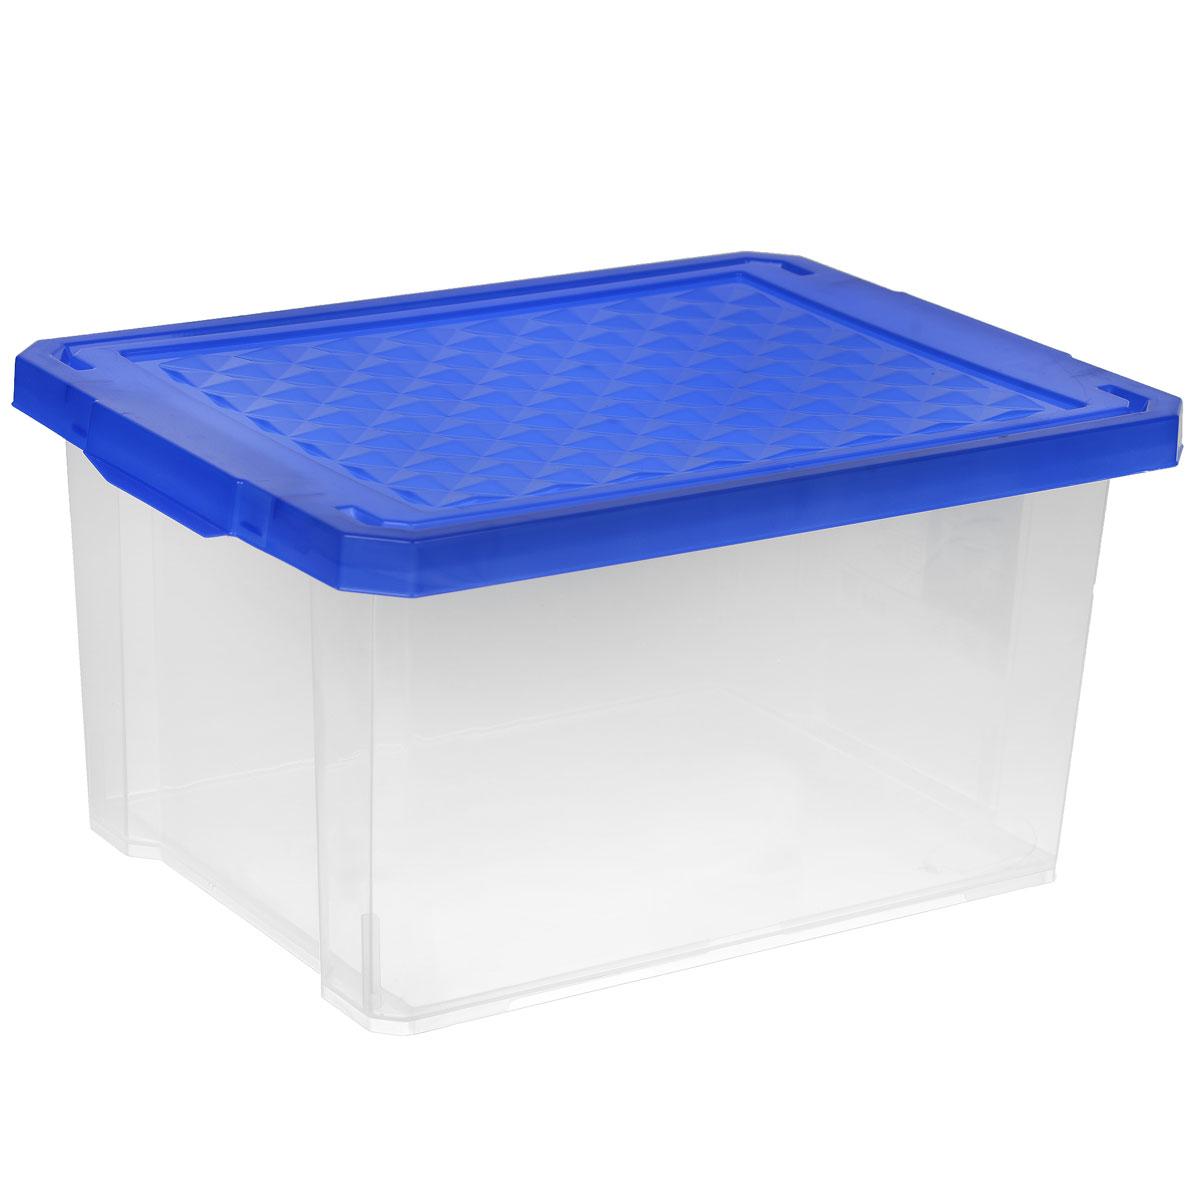 Ящик для хранения BranQ X-Box, цвет: синий, 17 лWB20-40Ящик BranQ X-Box, выполненный из прочного пластика, предназначен для хранения различных мелких вещей. Оснащен крышкой и боковыми ручками для удобства переноски. Такой ящик поможет защитить нужные вещи от пыли, грязи и влаги.